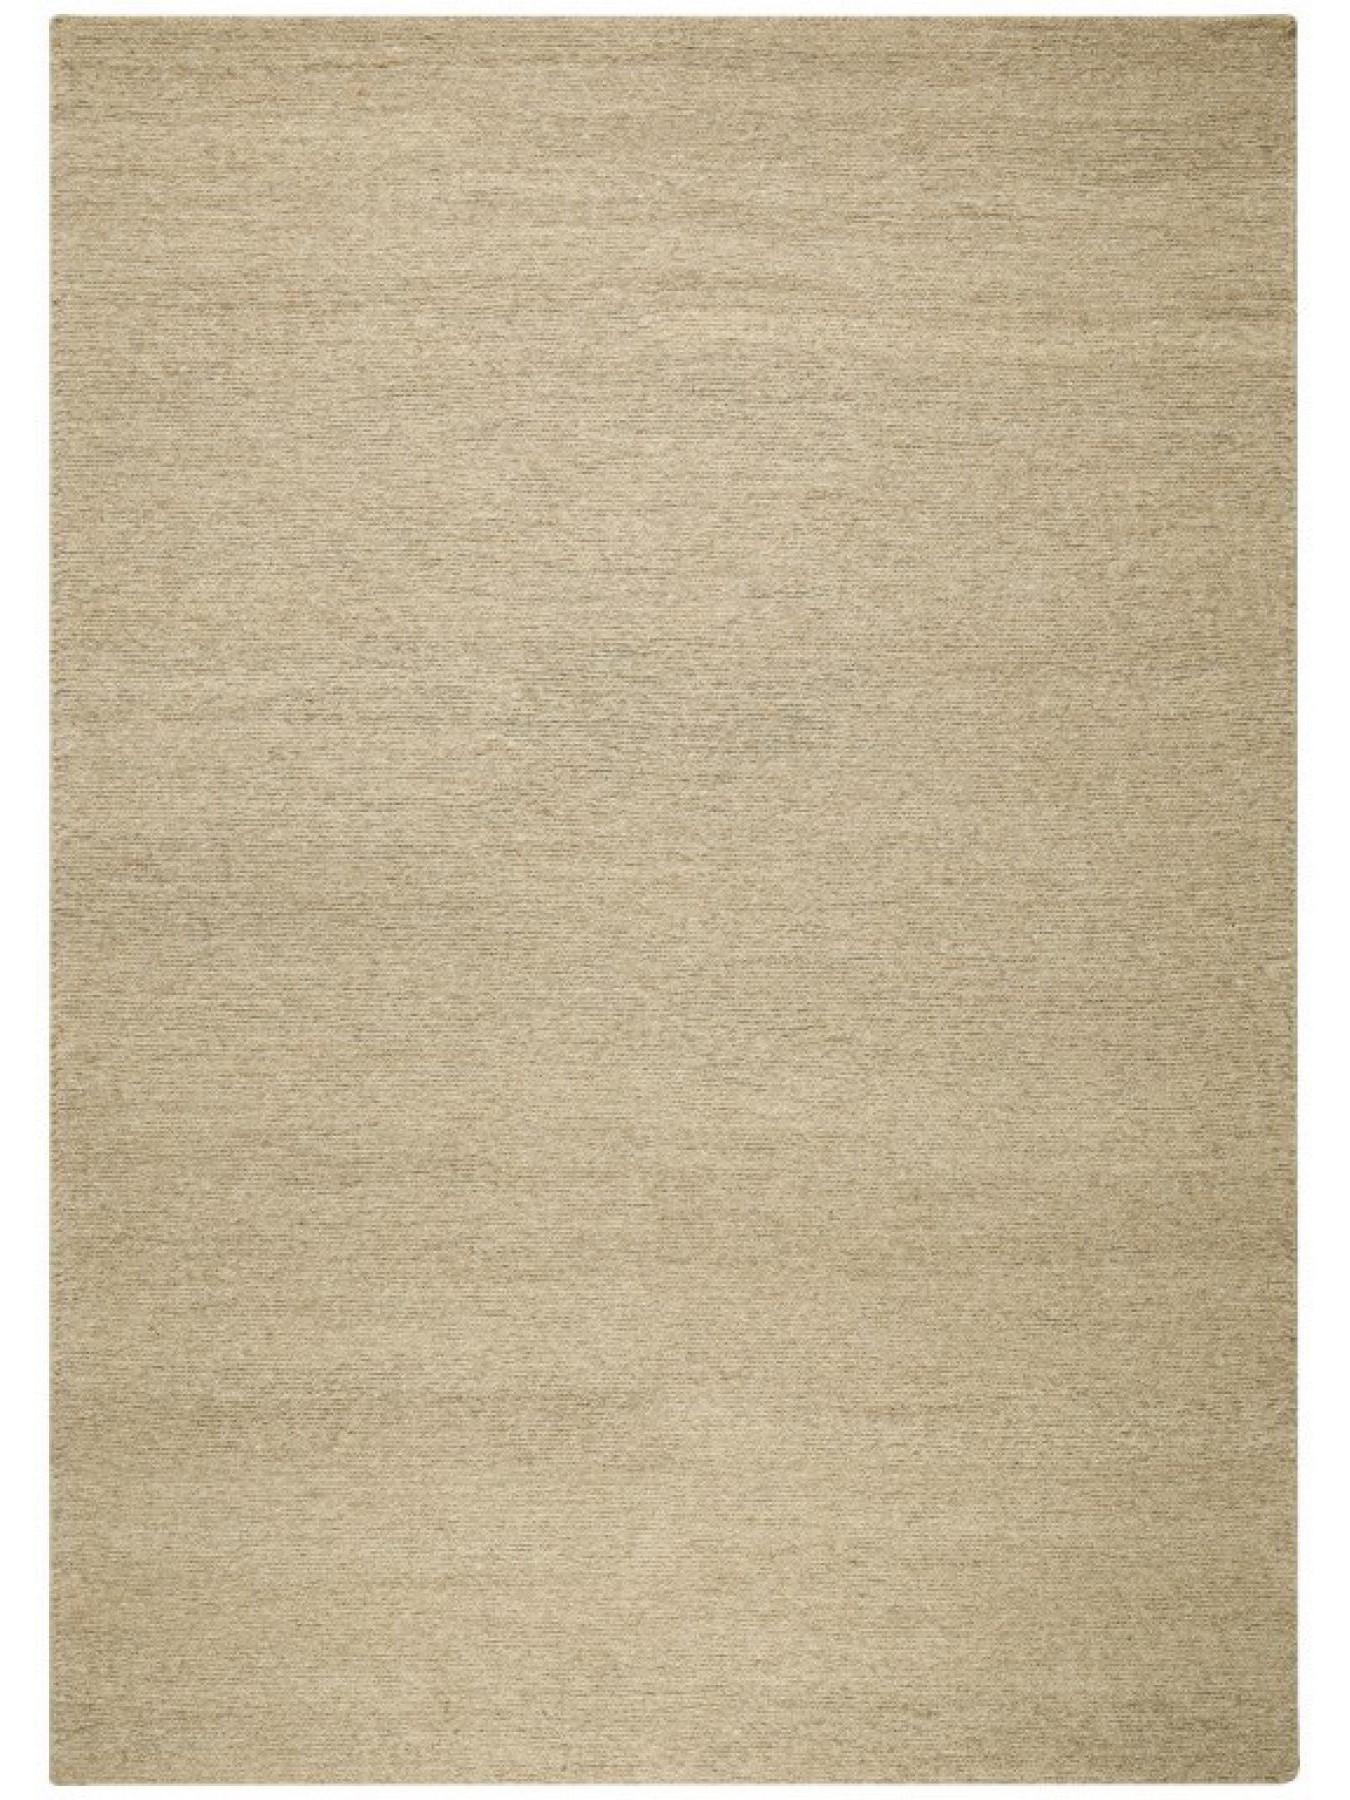 Modern kilims - Kilim-406 001 taupe